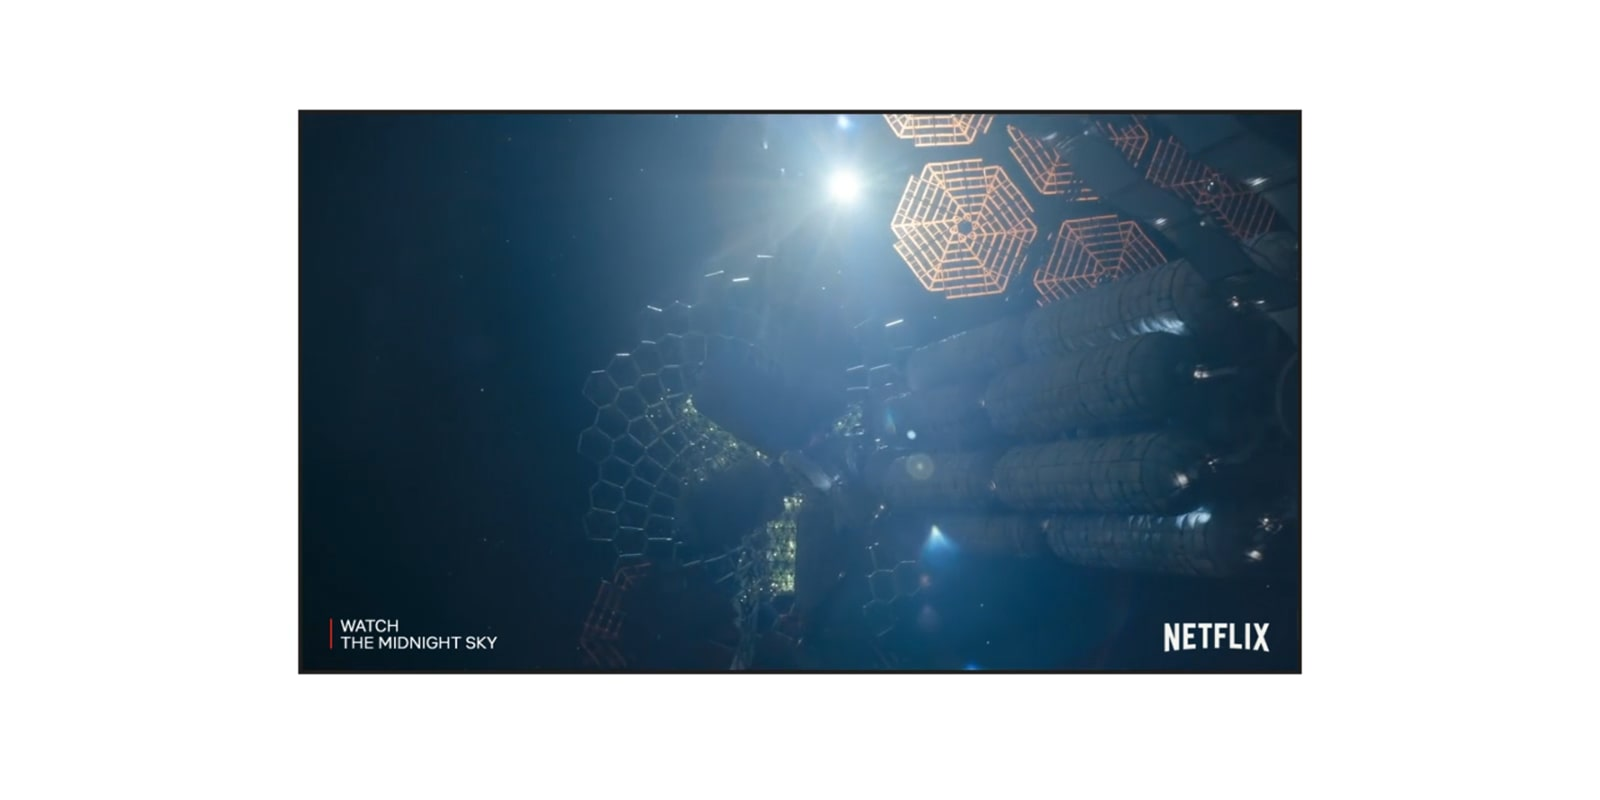 จอทีวีแสดงตัวอย่างภาพยนตร์ The Midnight Sky ทาง Netflix (เล่นวิดีโอ)